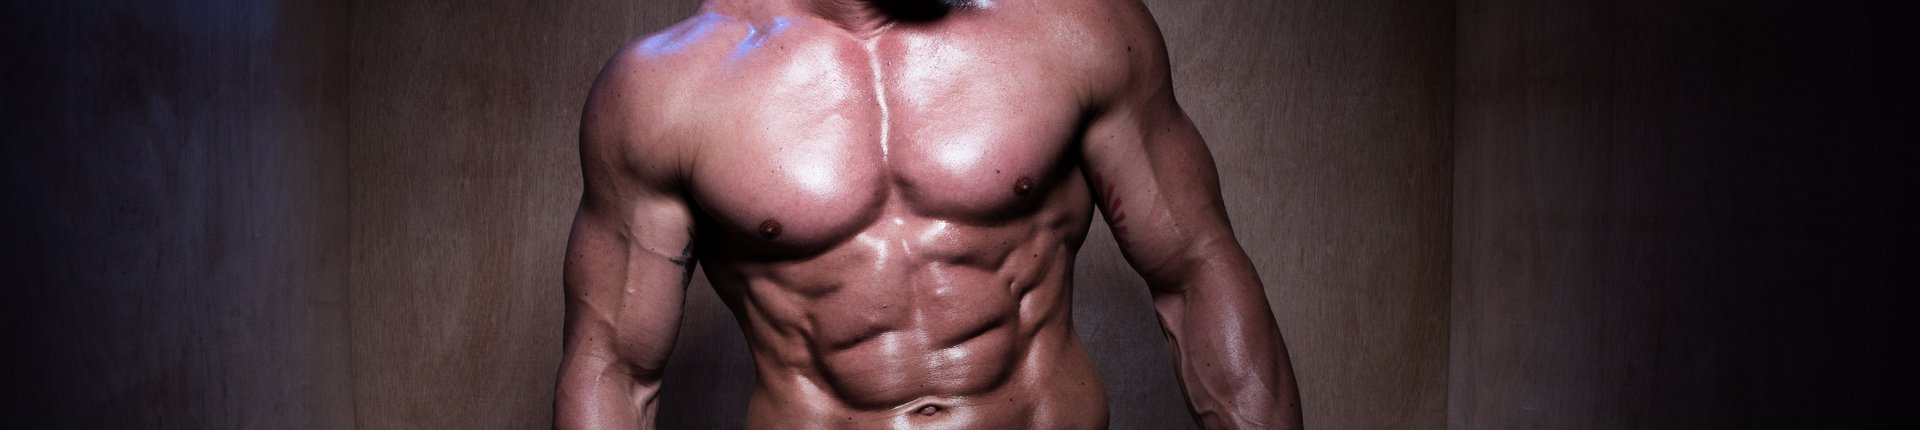 Farmakologia, trening aerobowy w IFBB - Men's Physique oraz Wellness Fitness – porównanie